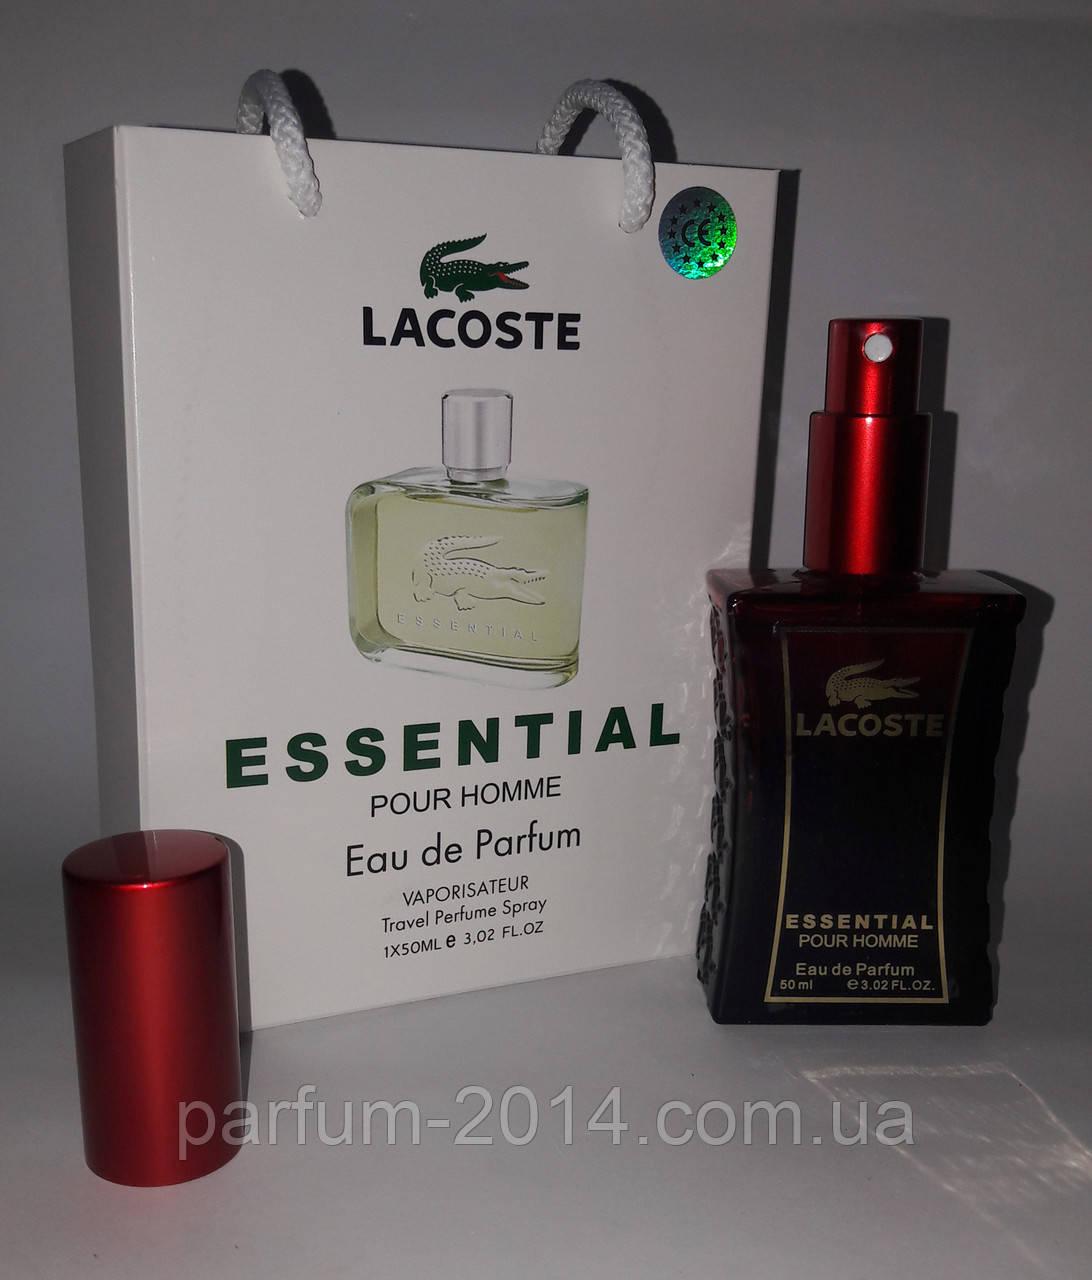 0102a6366b42 Мини парфюм Lacoste Essential в подарочной упаковке 50 ml (реплика) -  Parfum-2014